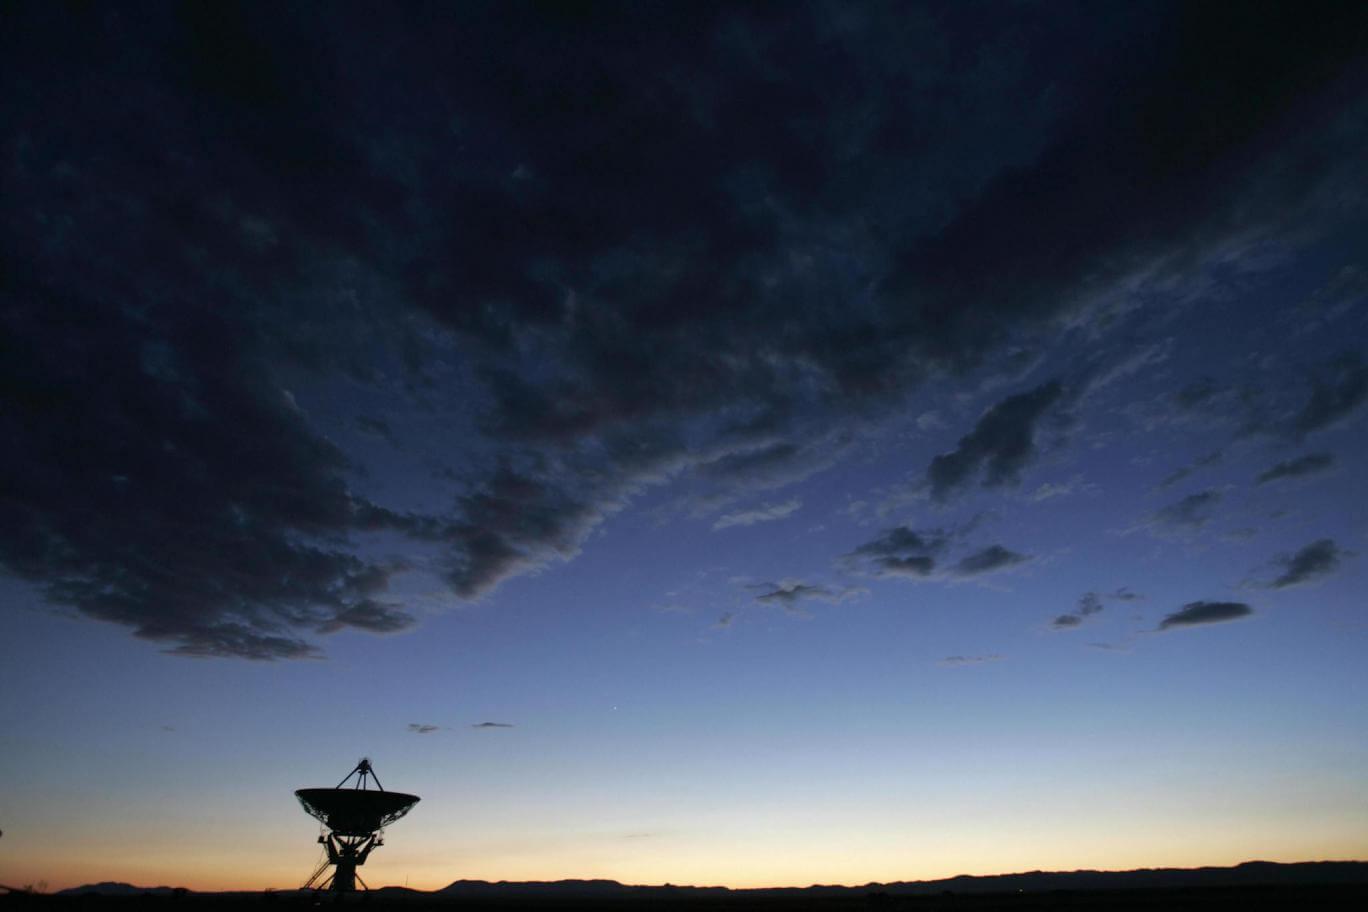 Alienígenas usam sinais de rádio?